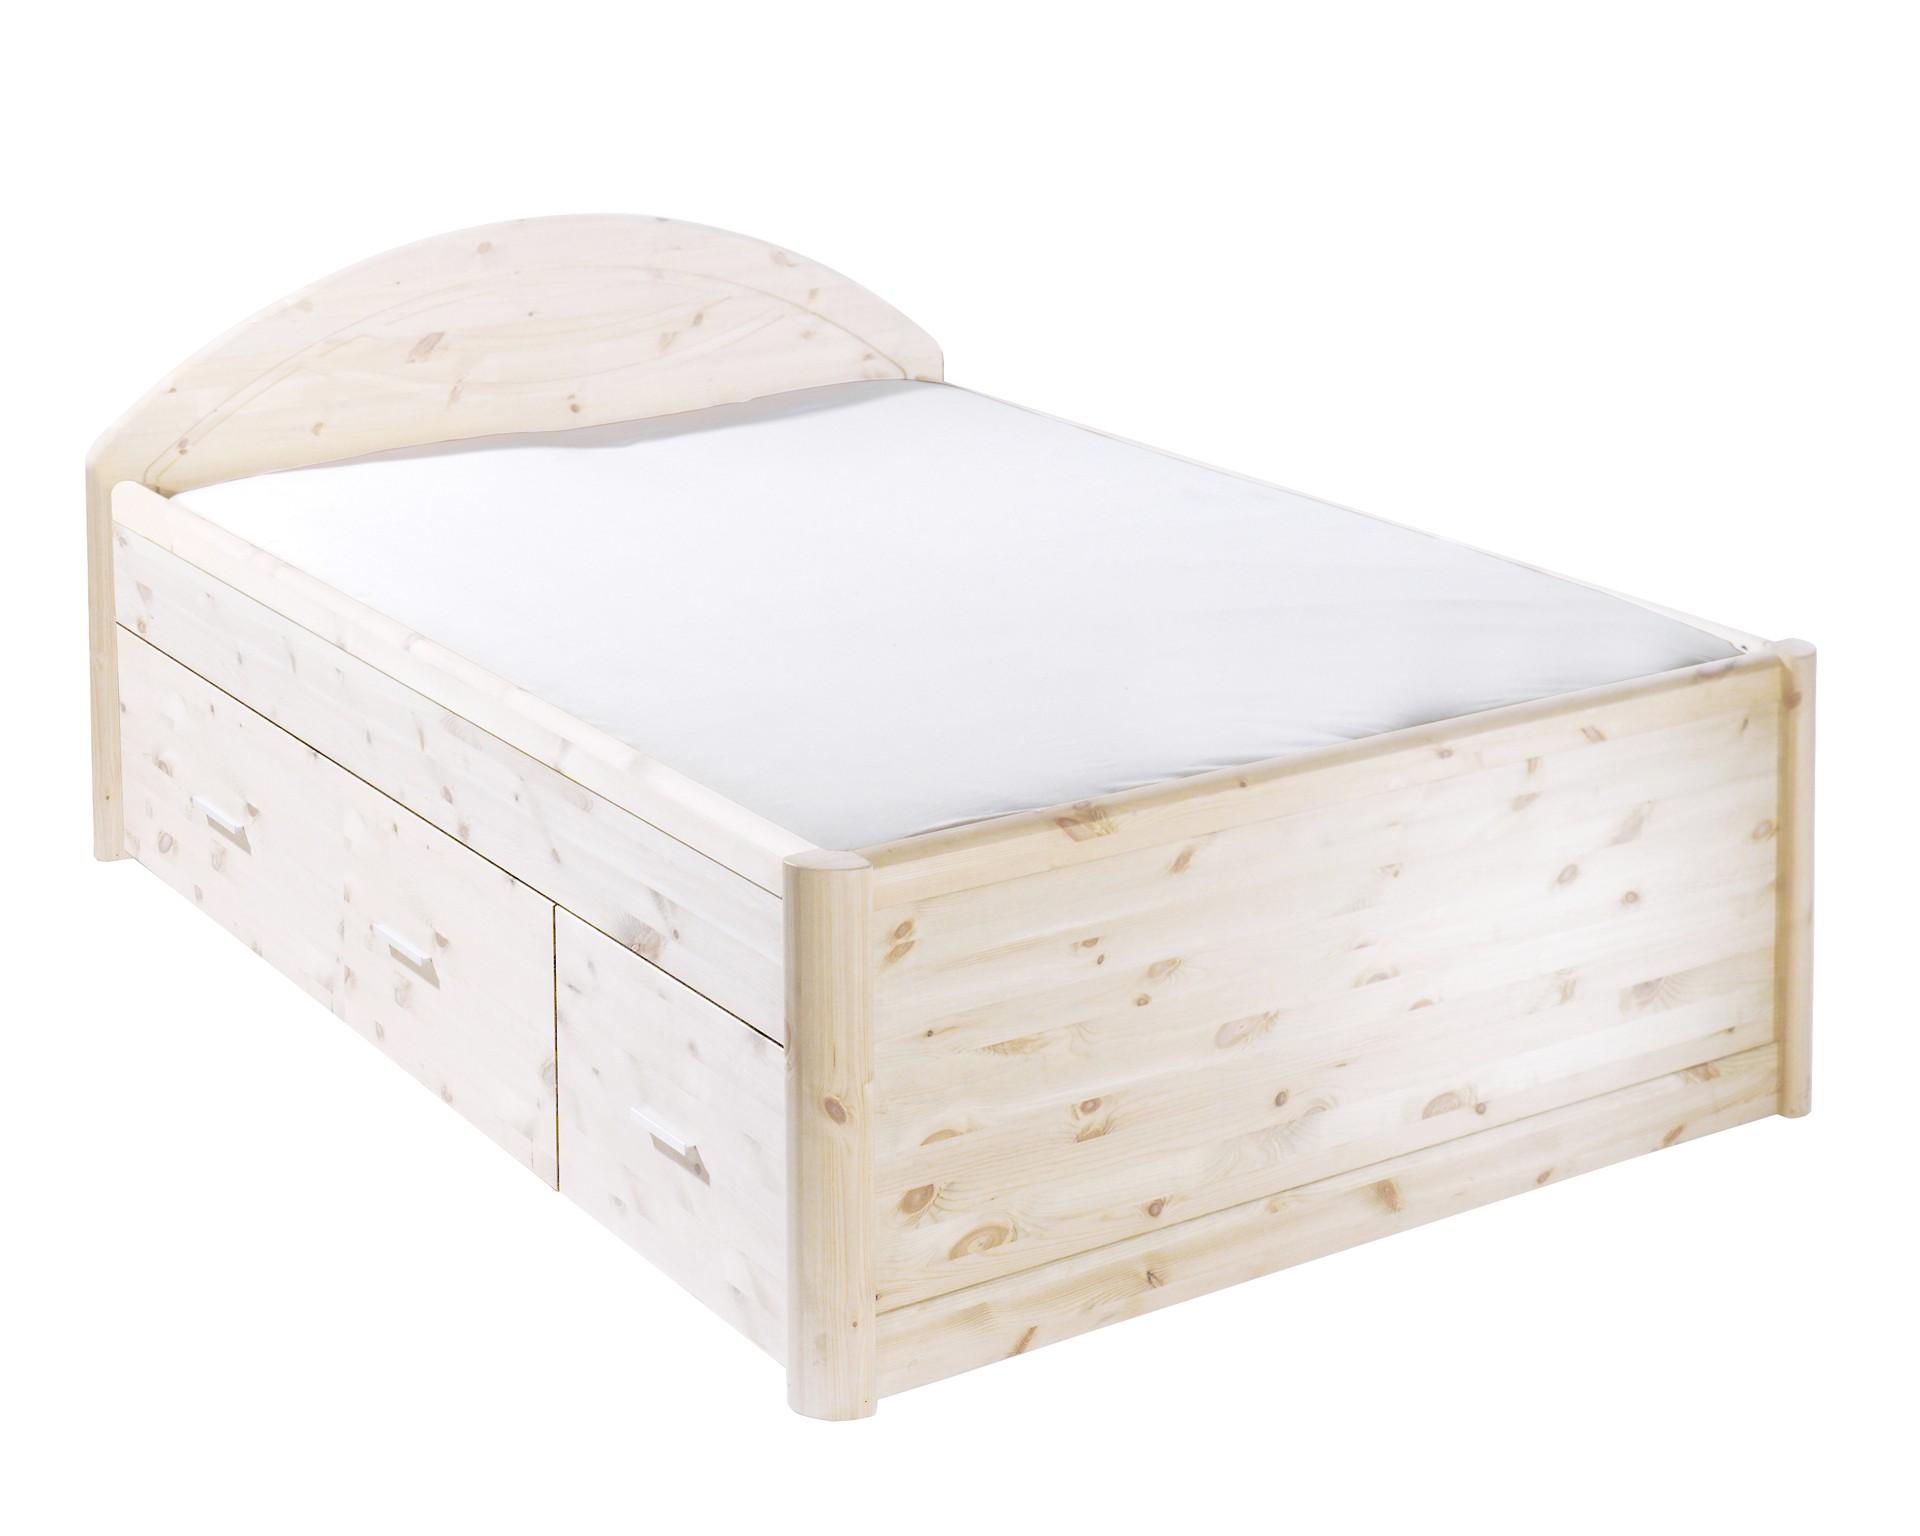 Bett Tina (140x200, weiß lackiert)